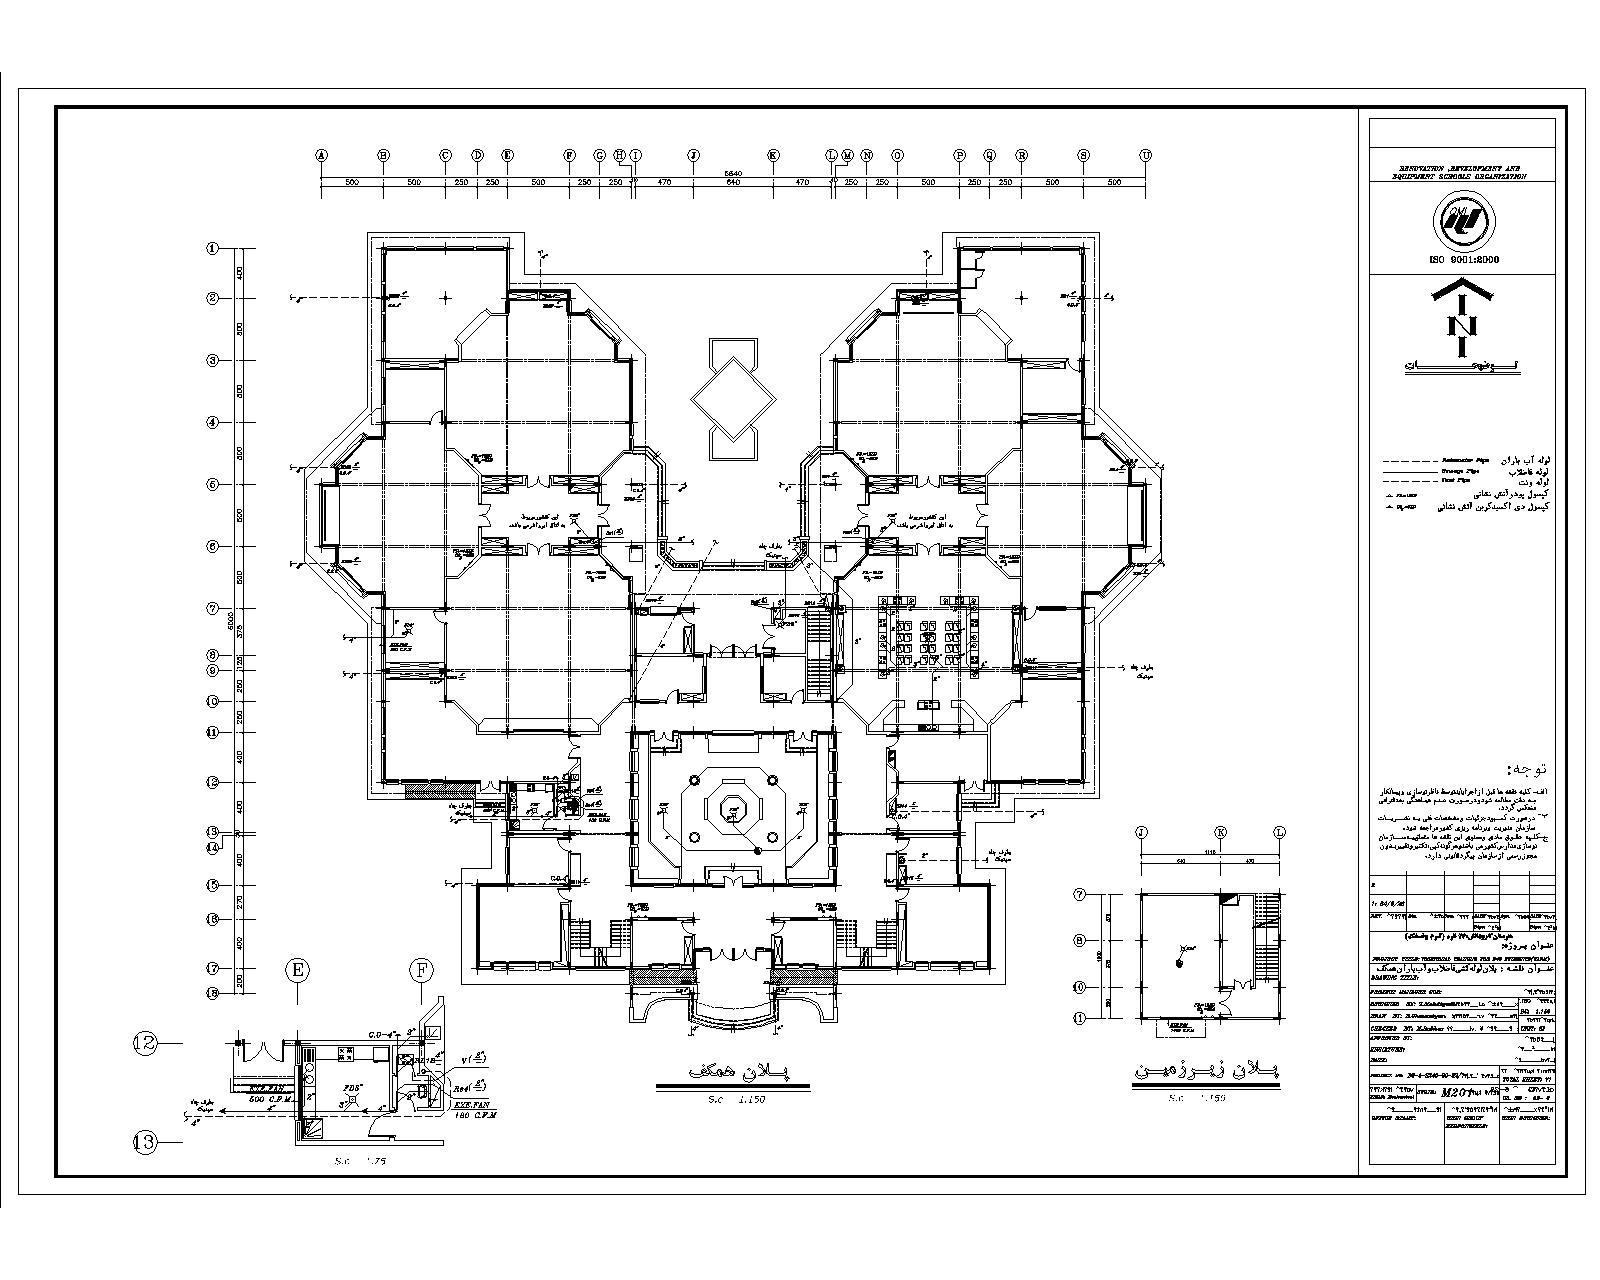 دانلود پروژه تاسیسات مکانیکی رشته معماریپروژه تاسیسات الکتریکی و مکانیکی